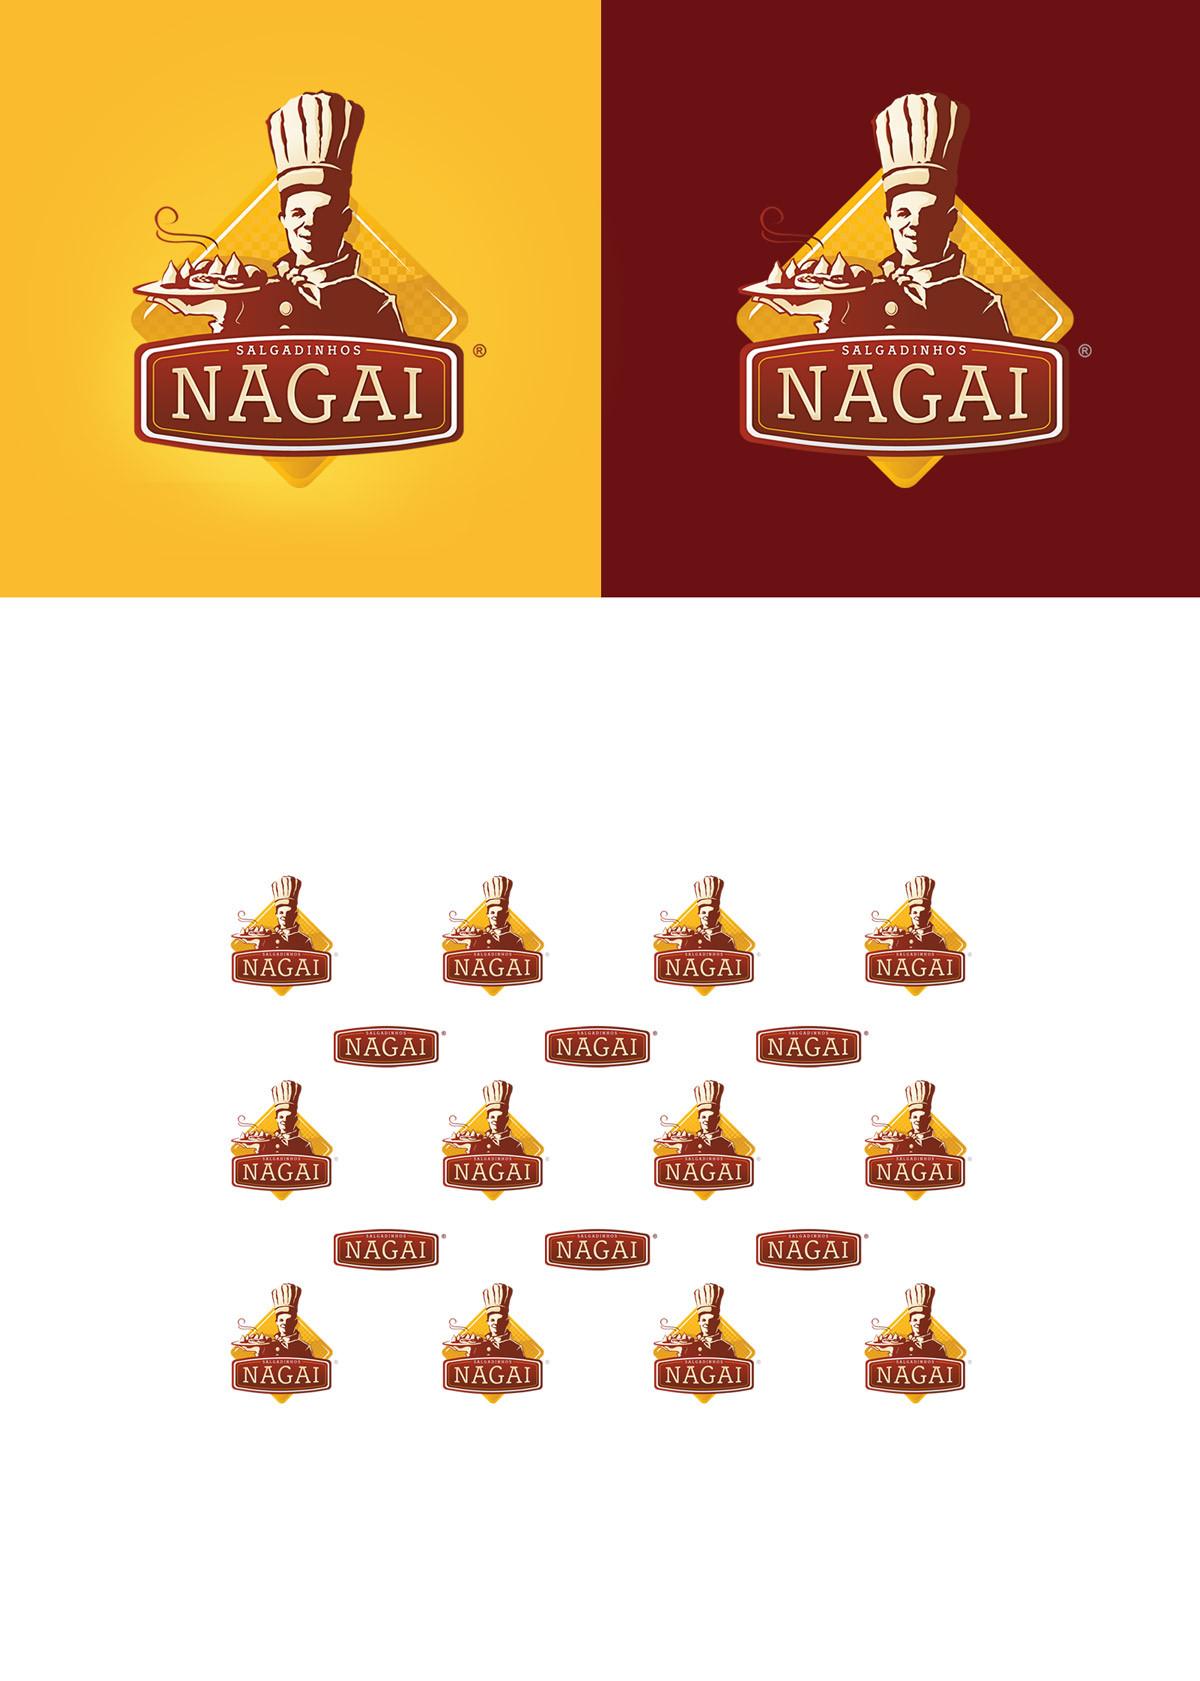 Nagai rebrand